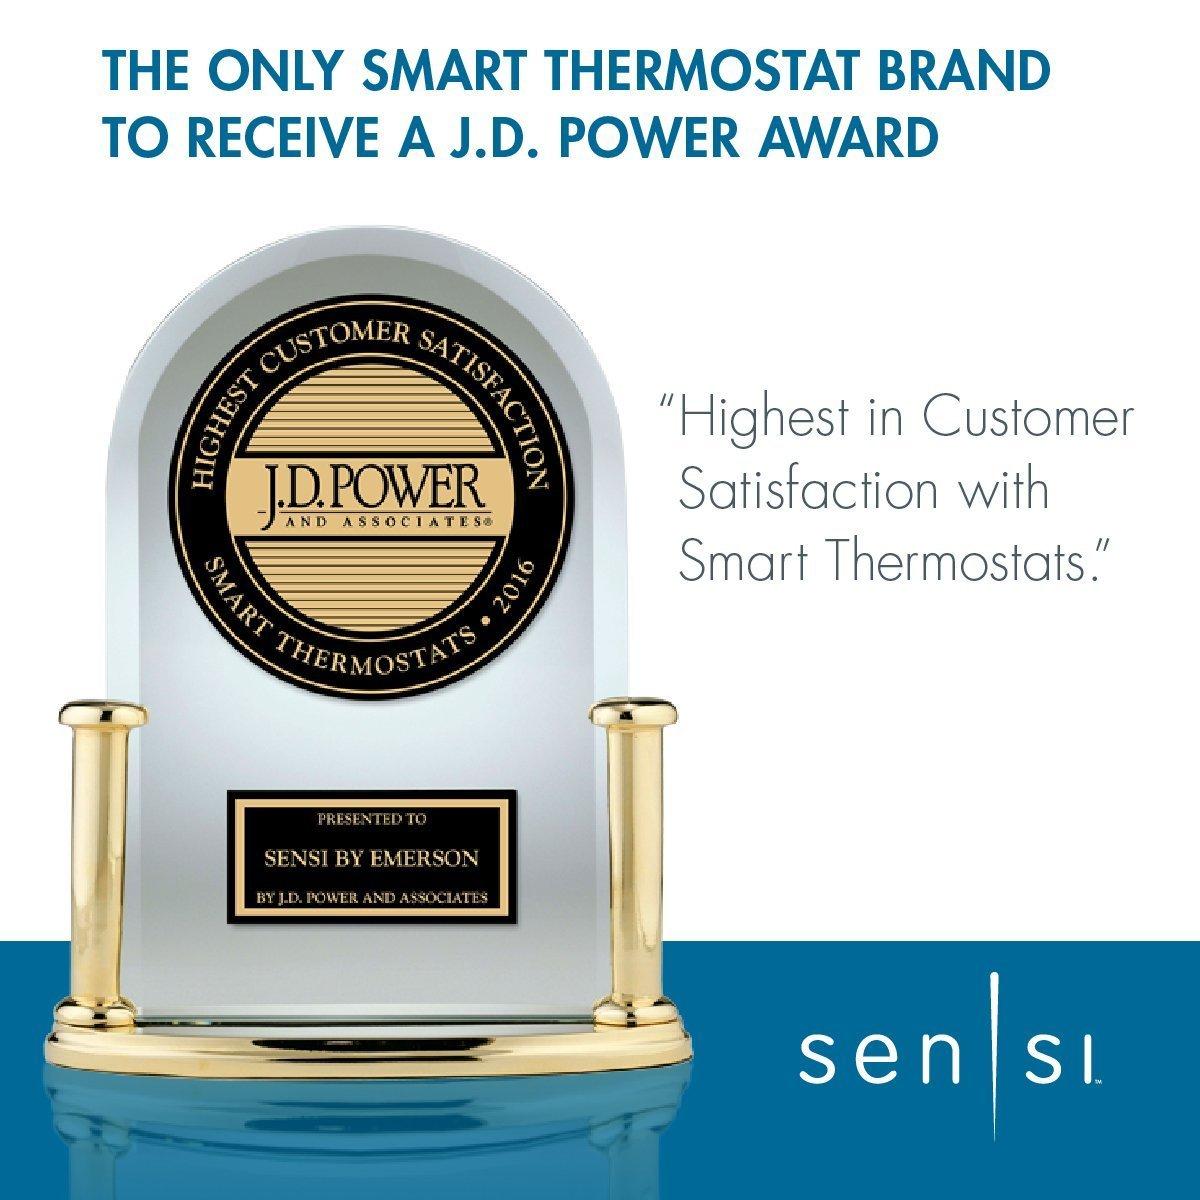 emerson sensi wi fi thermostat 1f86u 42wf for smart home emerson sensi wi fi thermostat 1f86u 42wf for smart home amazon com